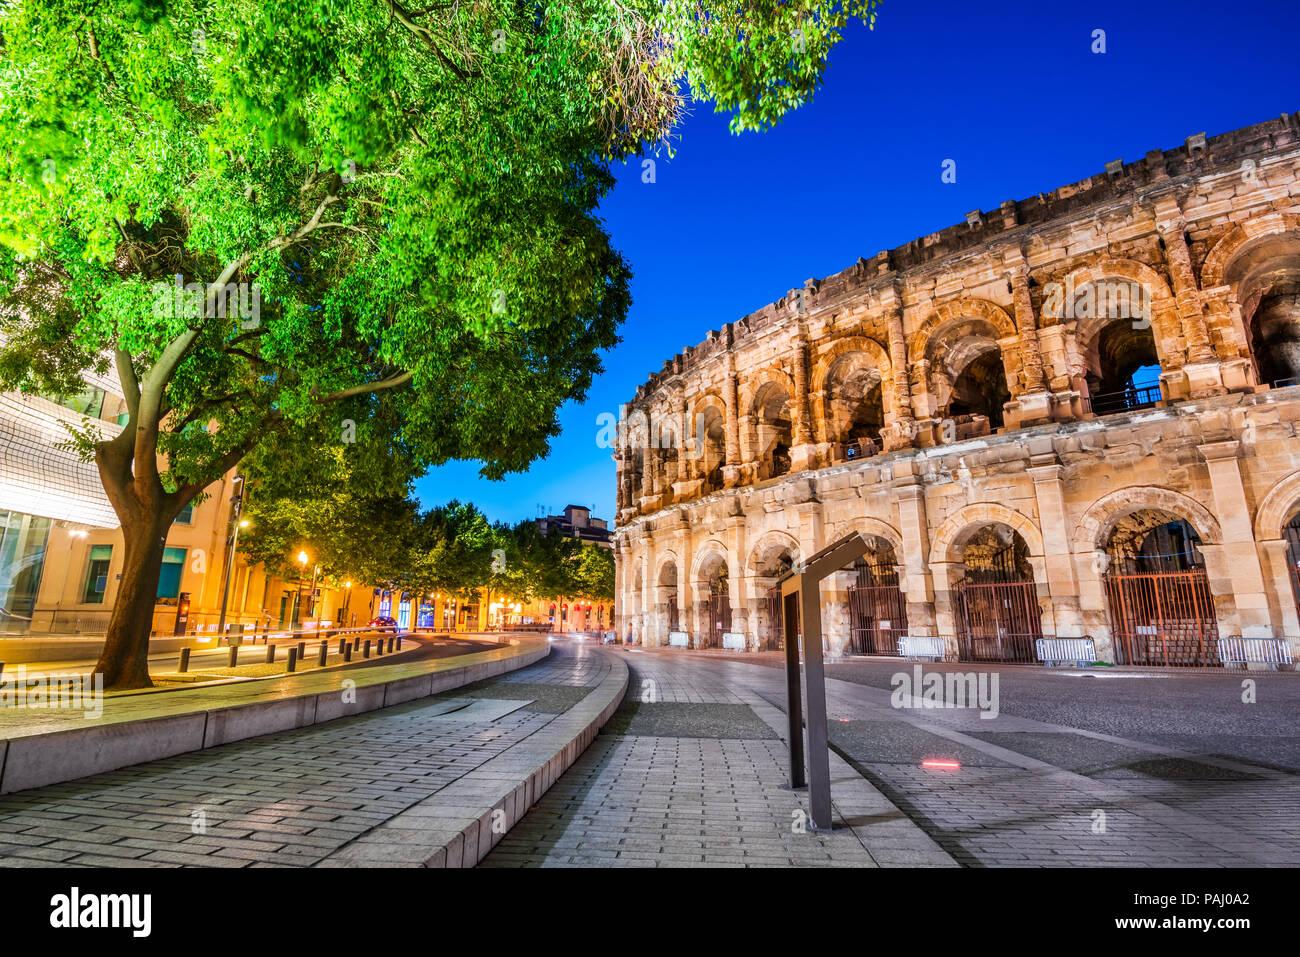 Nîmes, ancien amphithéâtre romain dans la région de l'Occitanie du sud de la France. Magnifique grand Arena. Photo Stock